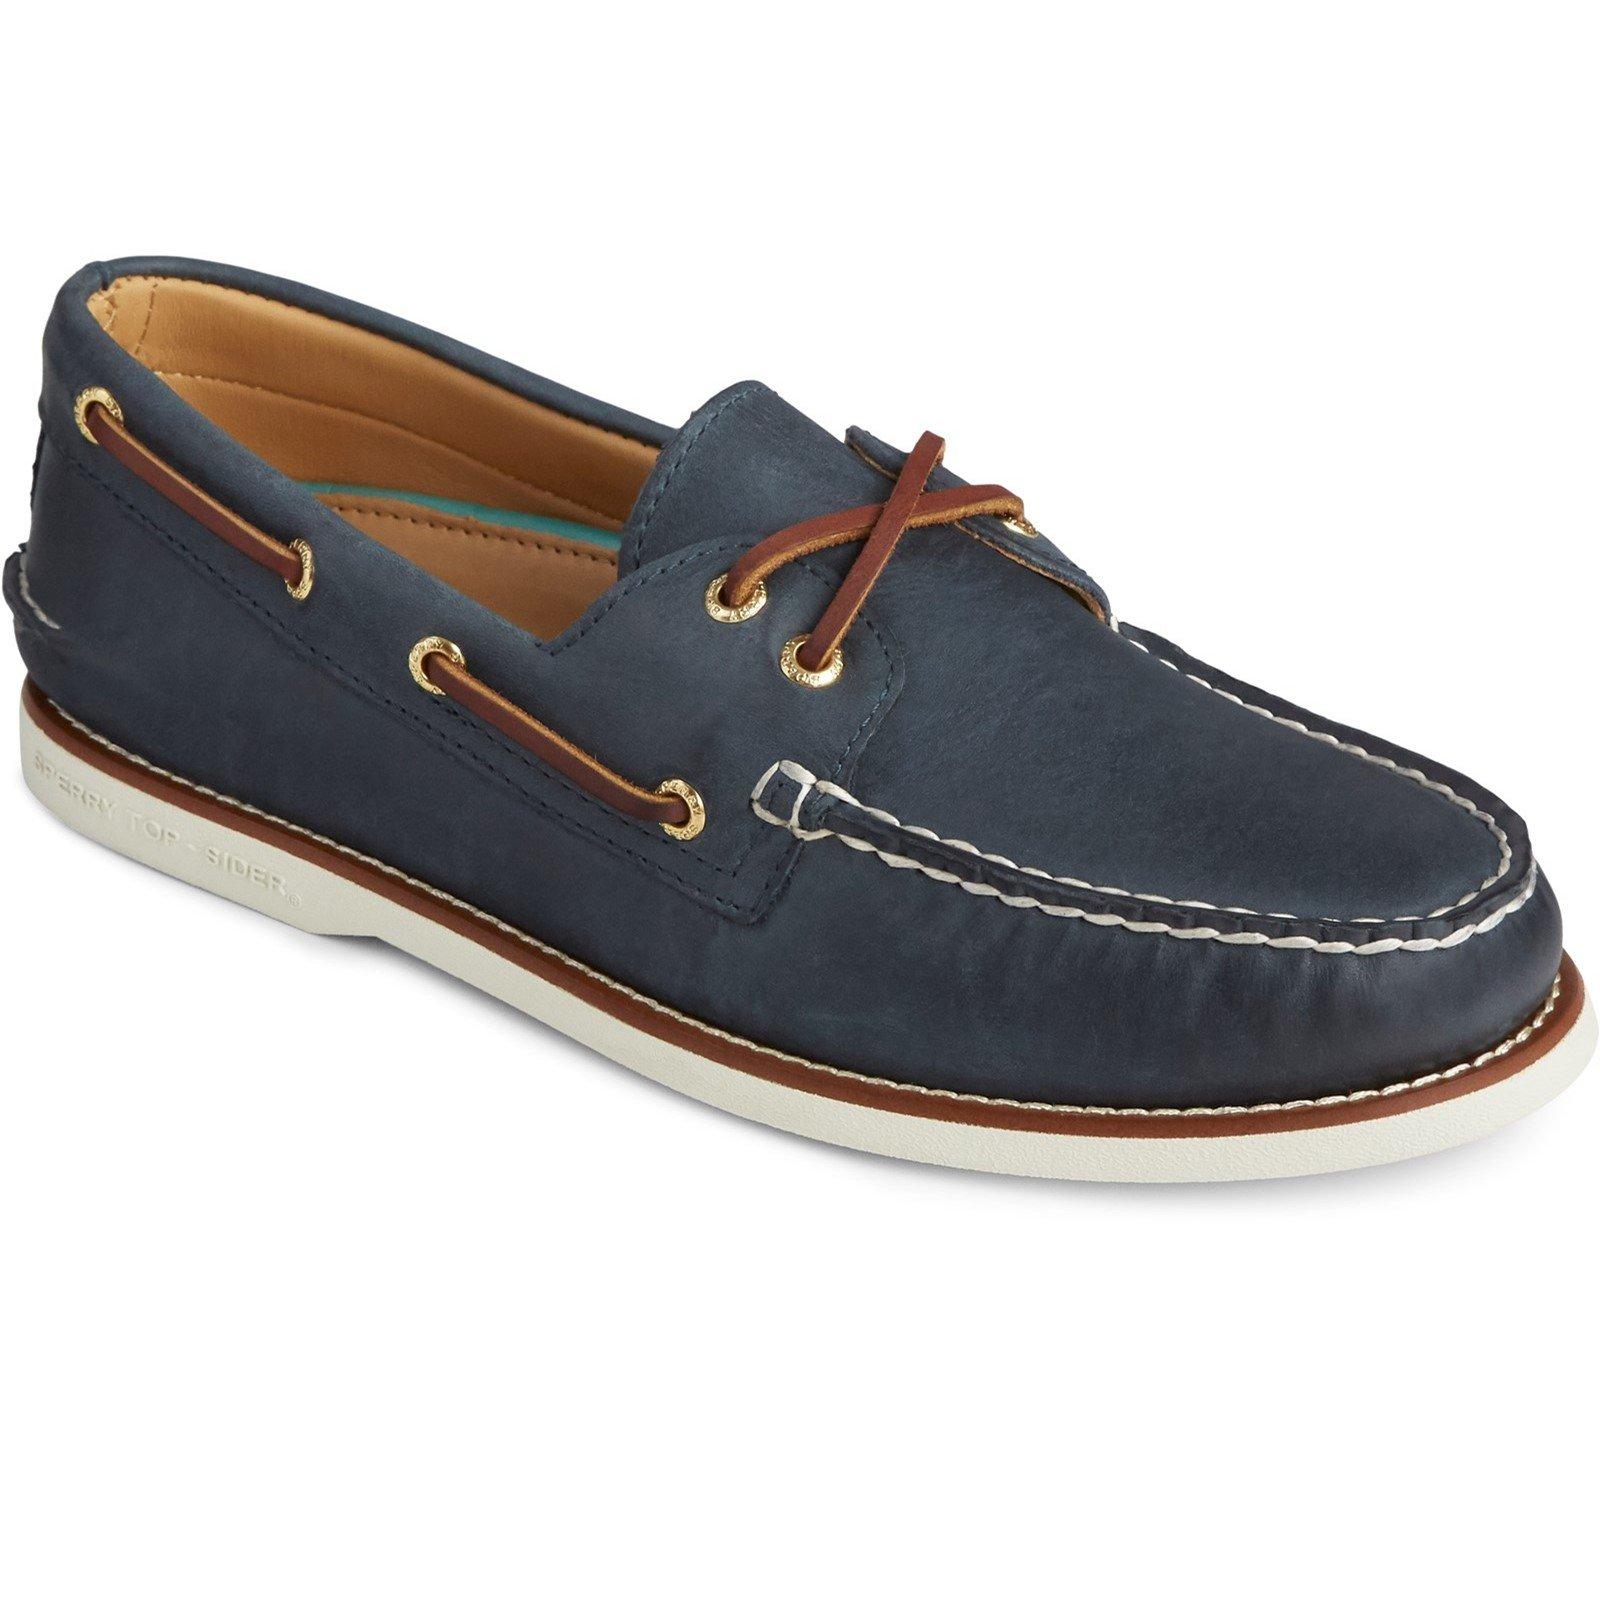 Sperry Men's Cup Authentic Original Boat Shoe Various Colours 31735 - Navy 7